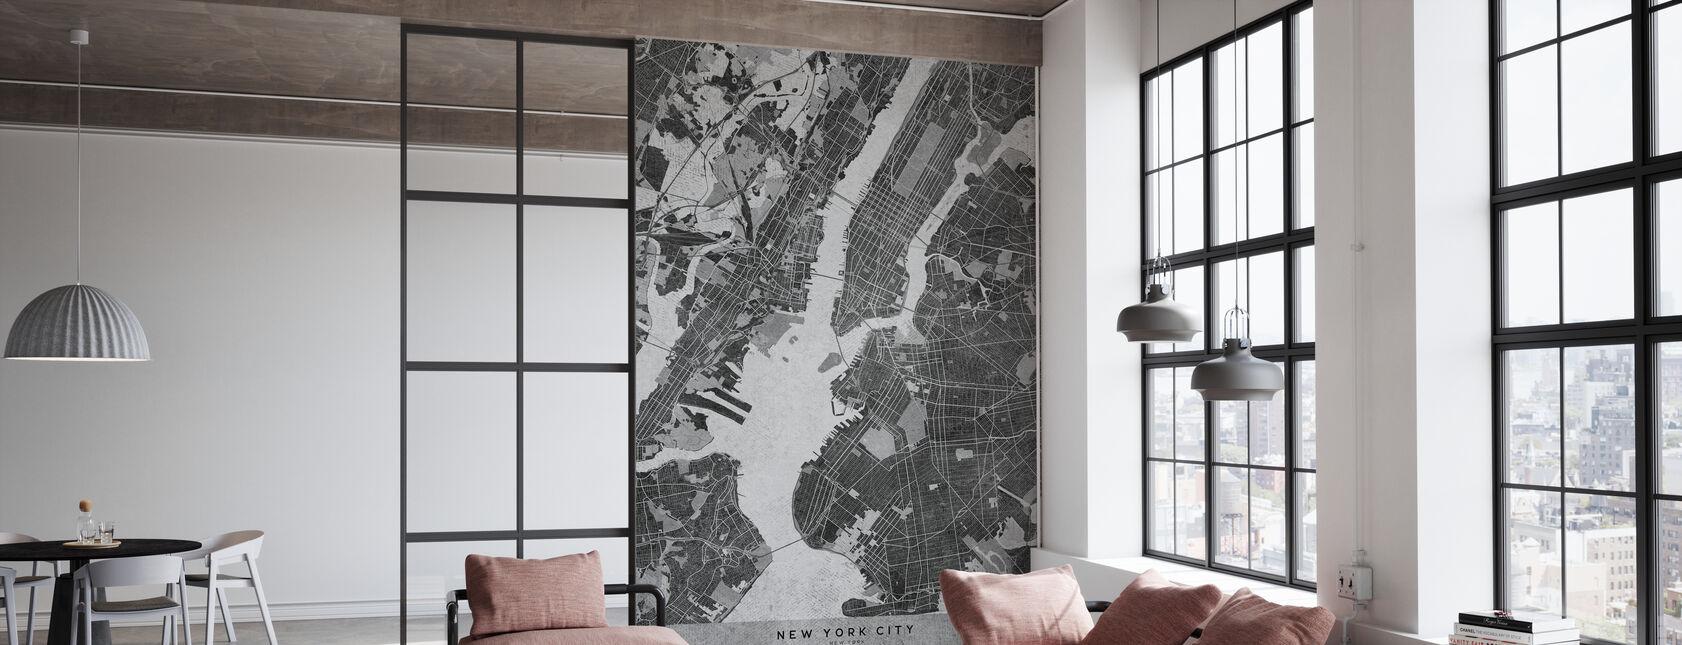 New York City Kaart - Behang - Kantoor